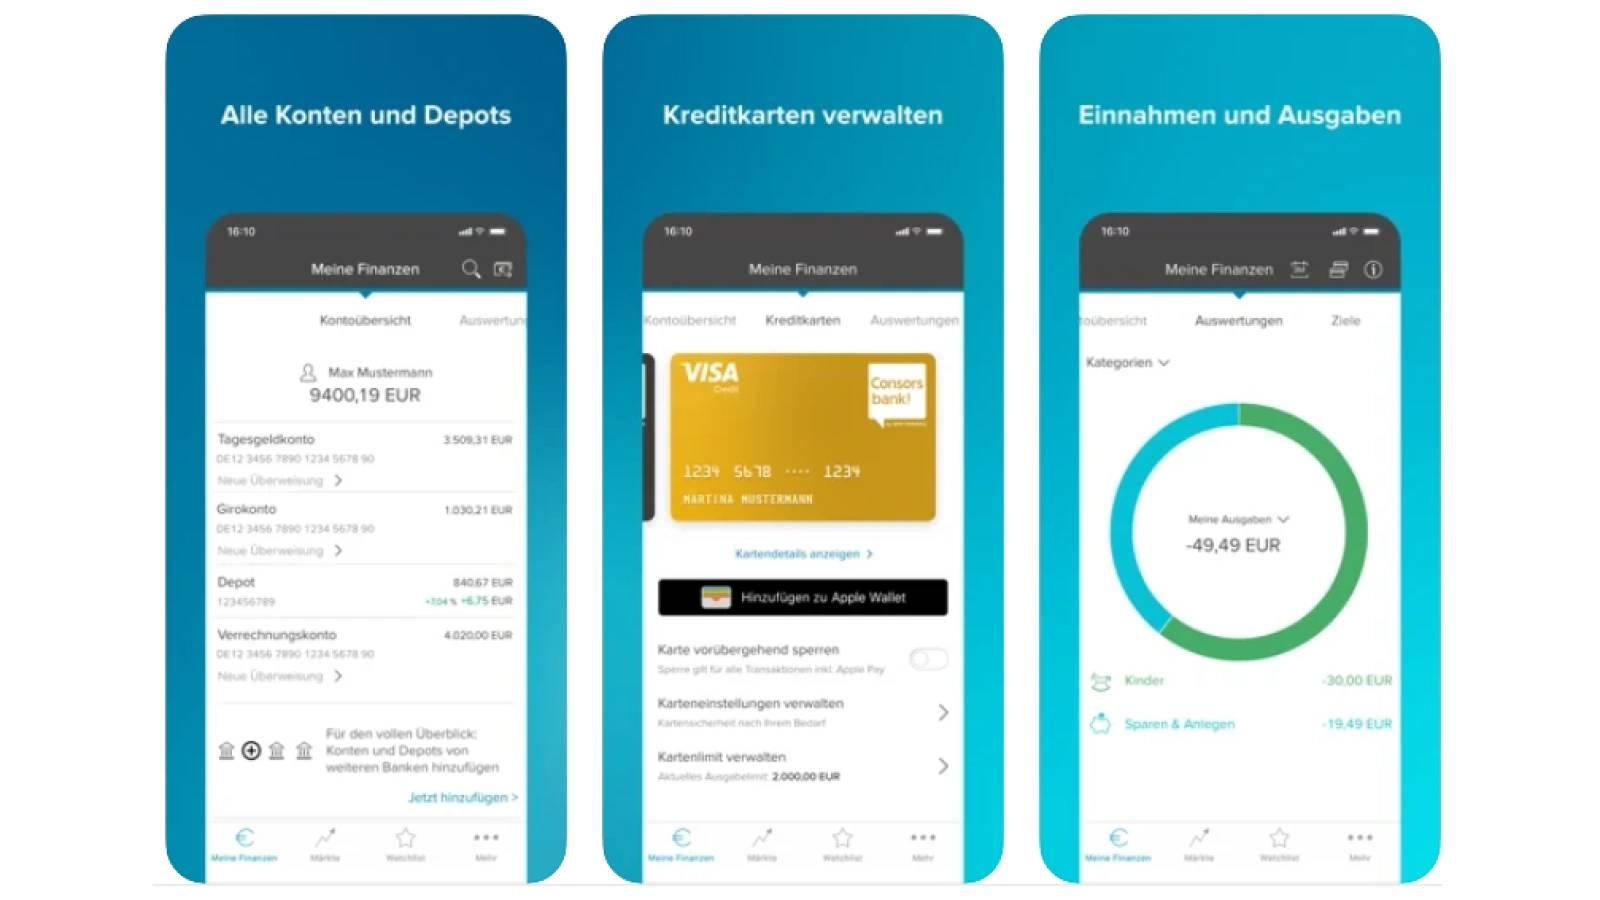 Consorsbank Visa Classic Kreditkarte - Alle Infos Zu Den Konditionen & Zur Beantragung